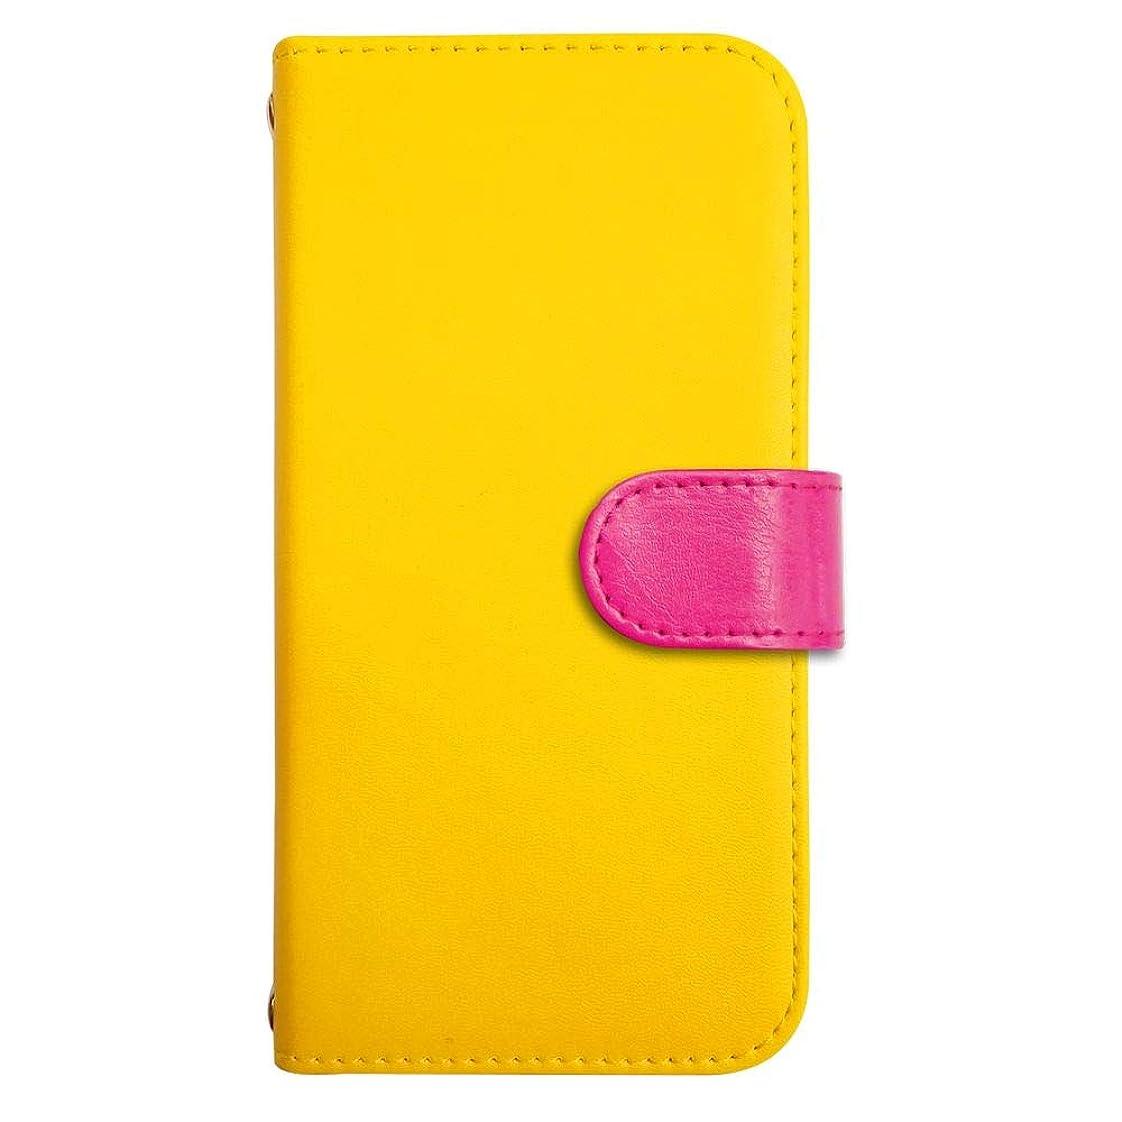 状況制約昼寝sslink iPod touch6 アイポッドタッチ6 ケース 手帳型 スマホケース 丸型 ラウンド(ローズ) ベルト きせかえ belty おしゃれ (カバー色イエロー) ダイアリータイプ 横開き カード収納 フリップ カバー スマートフォン